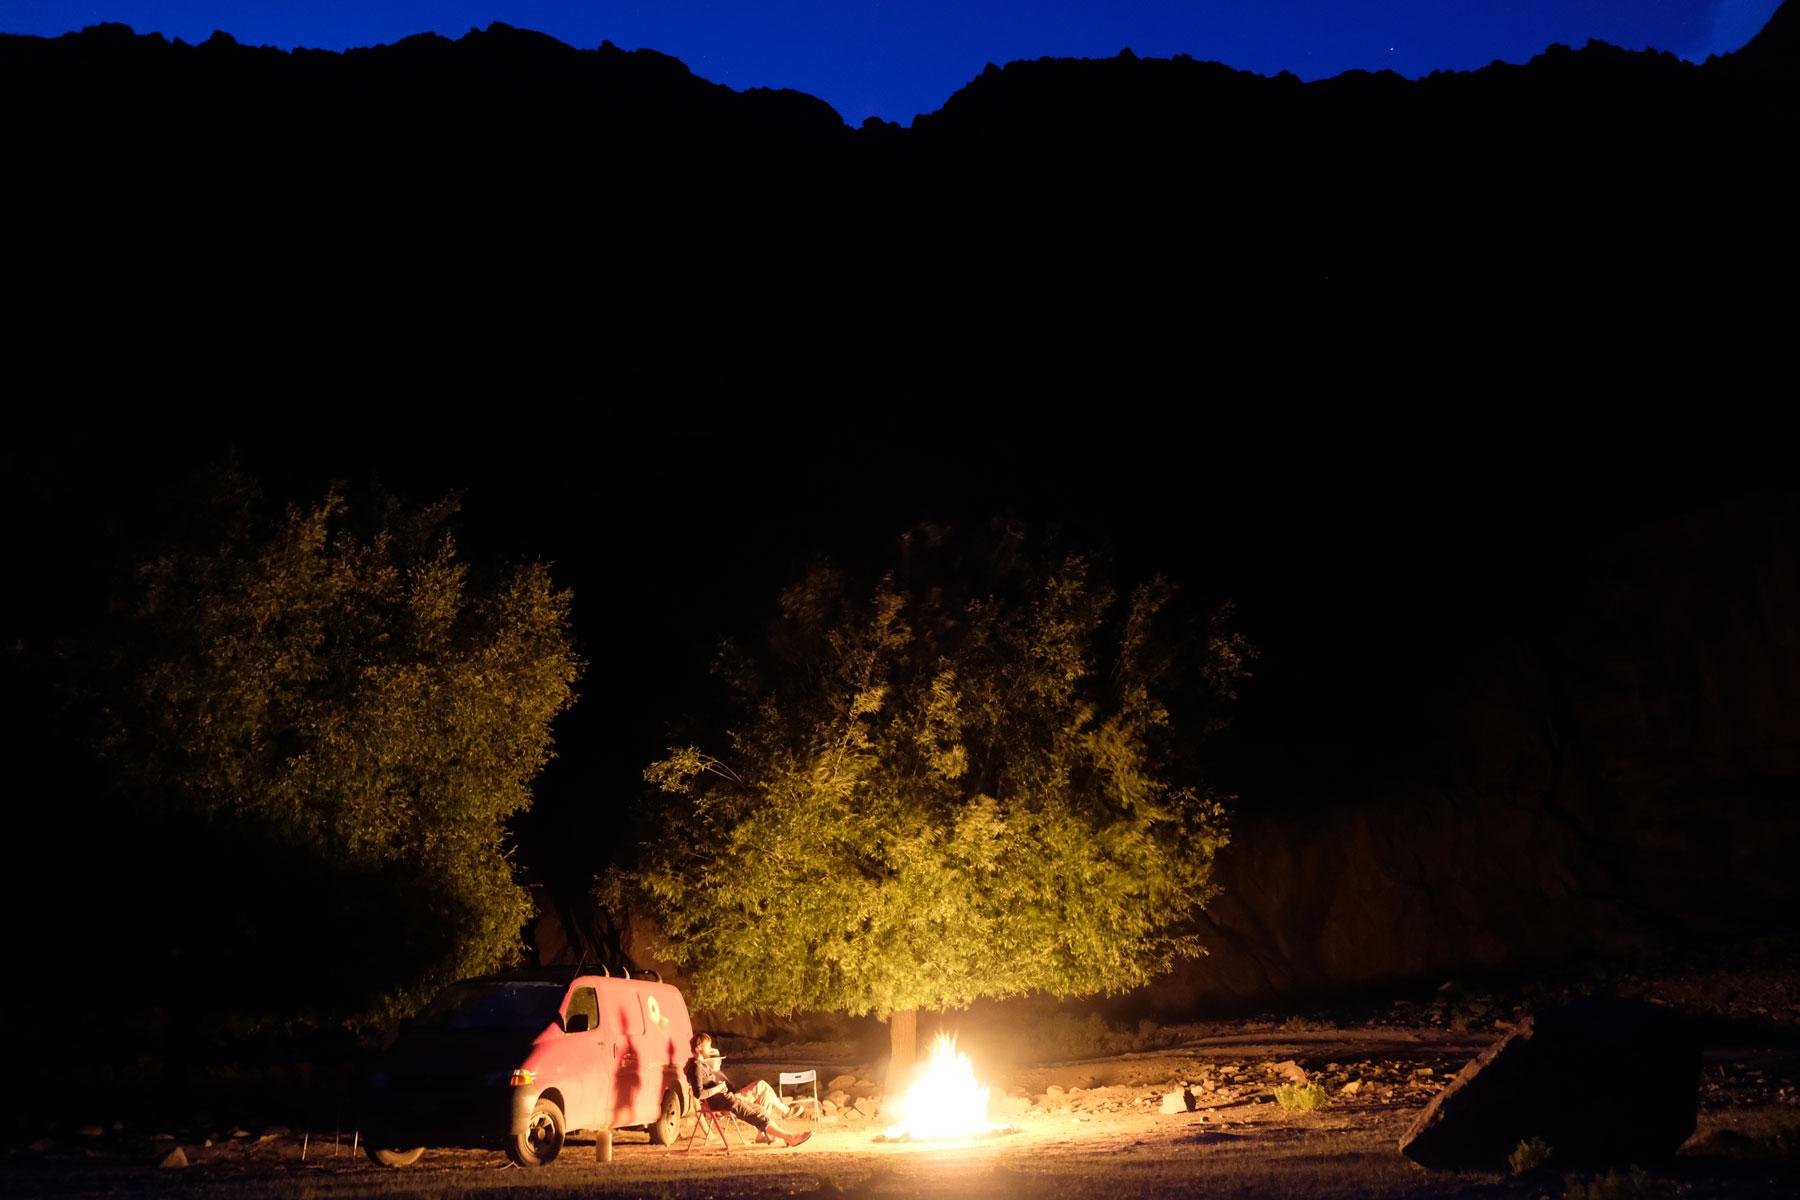 Ein roter Kleintransporter steht neben einem Lagerfeuer